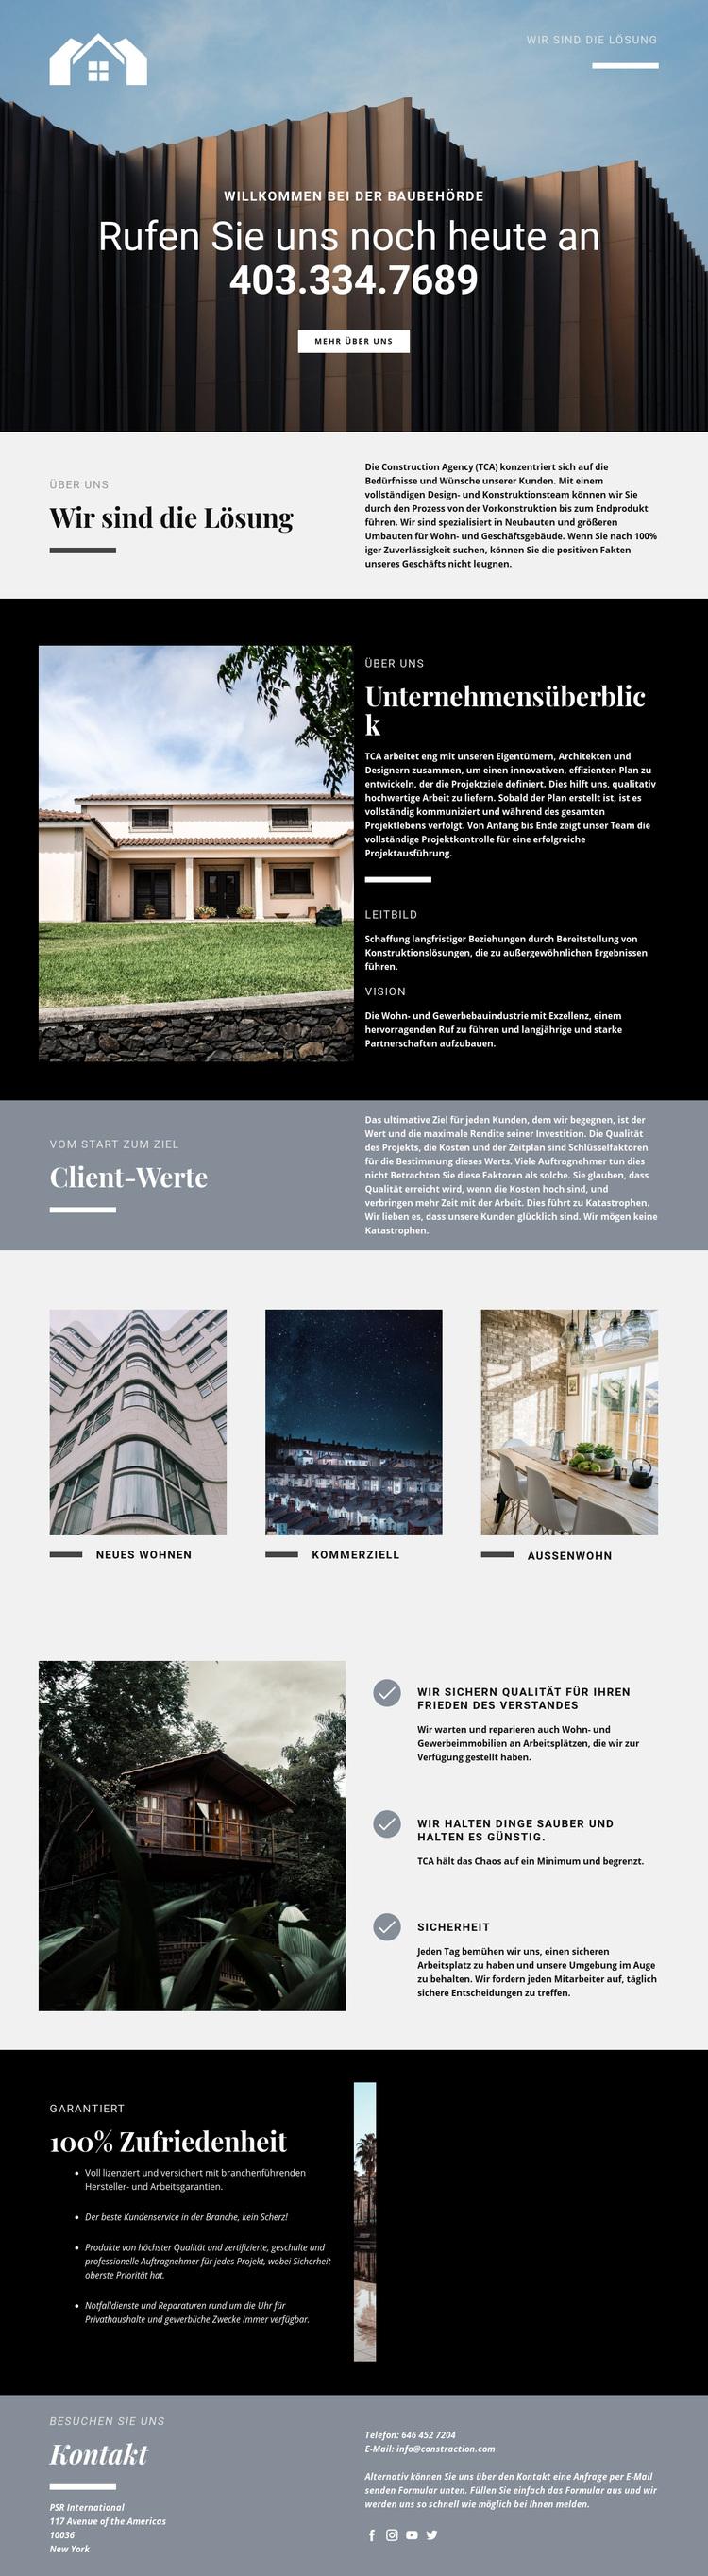 Lösungen für Immobilien WordPress Theme